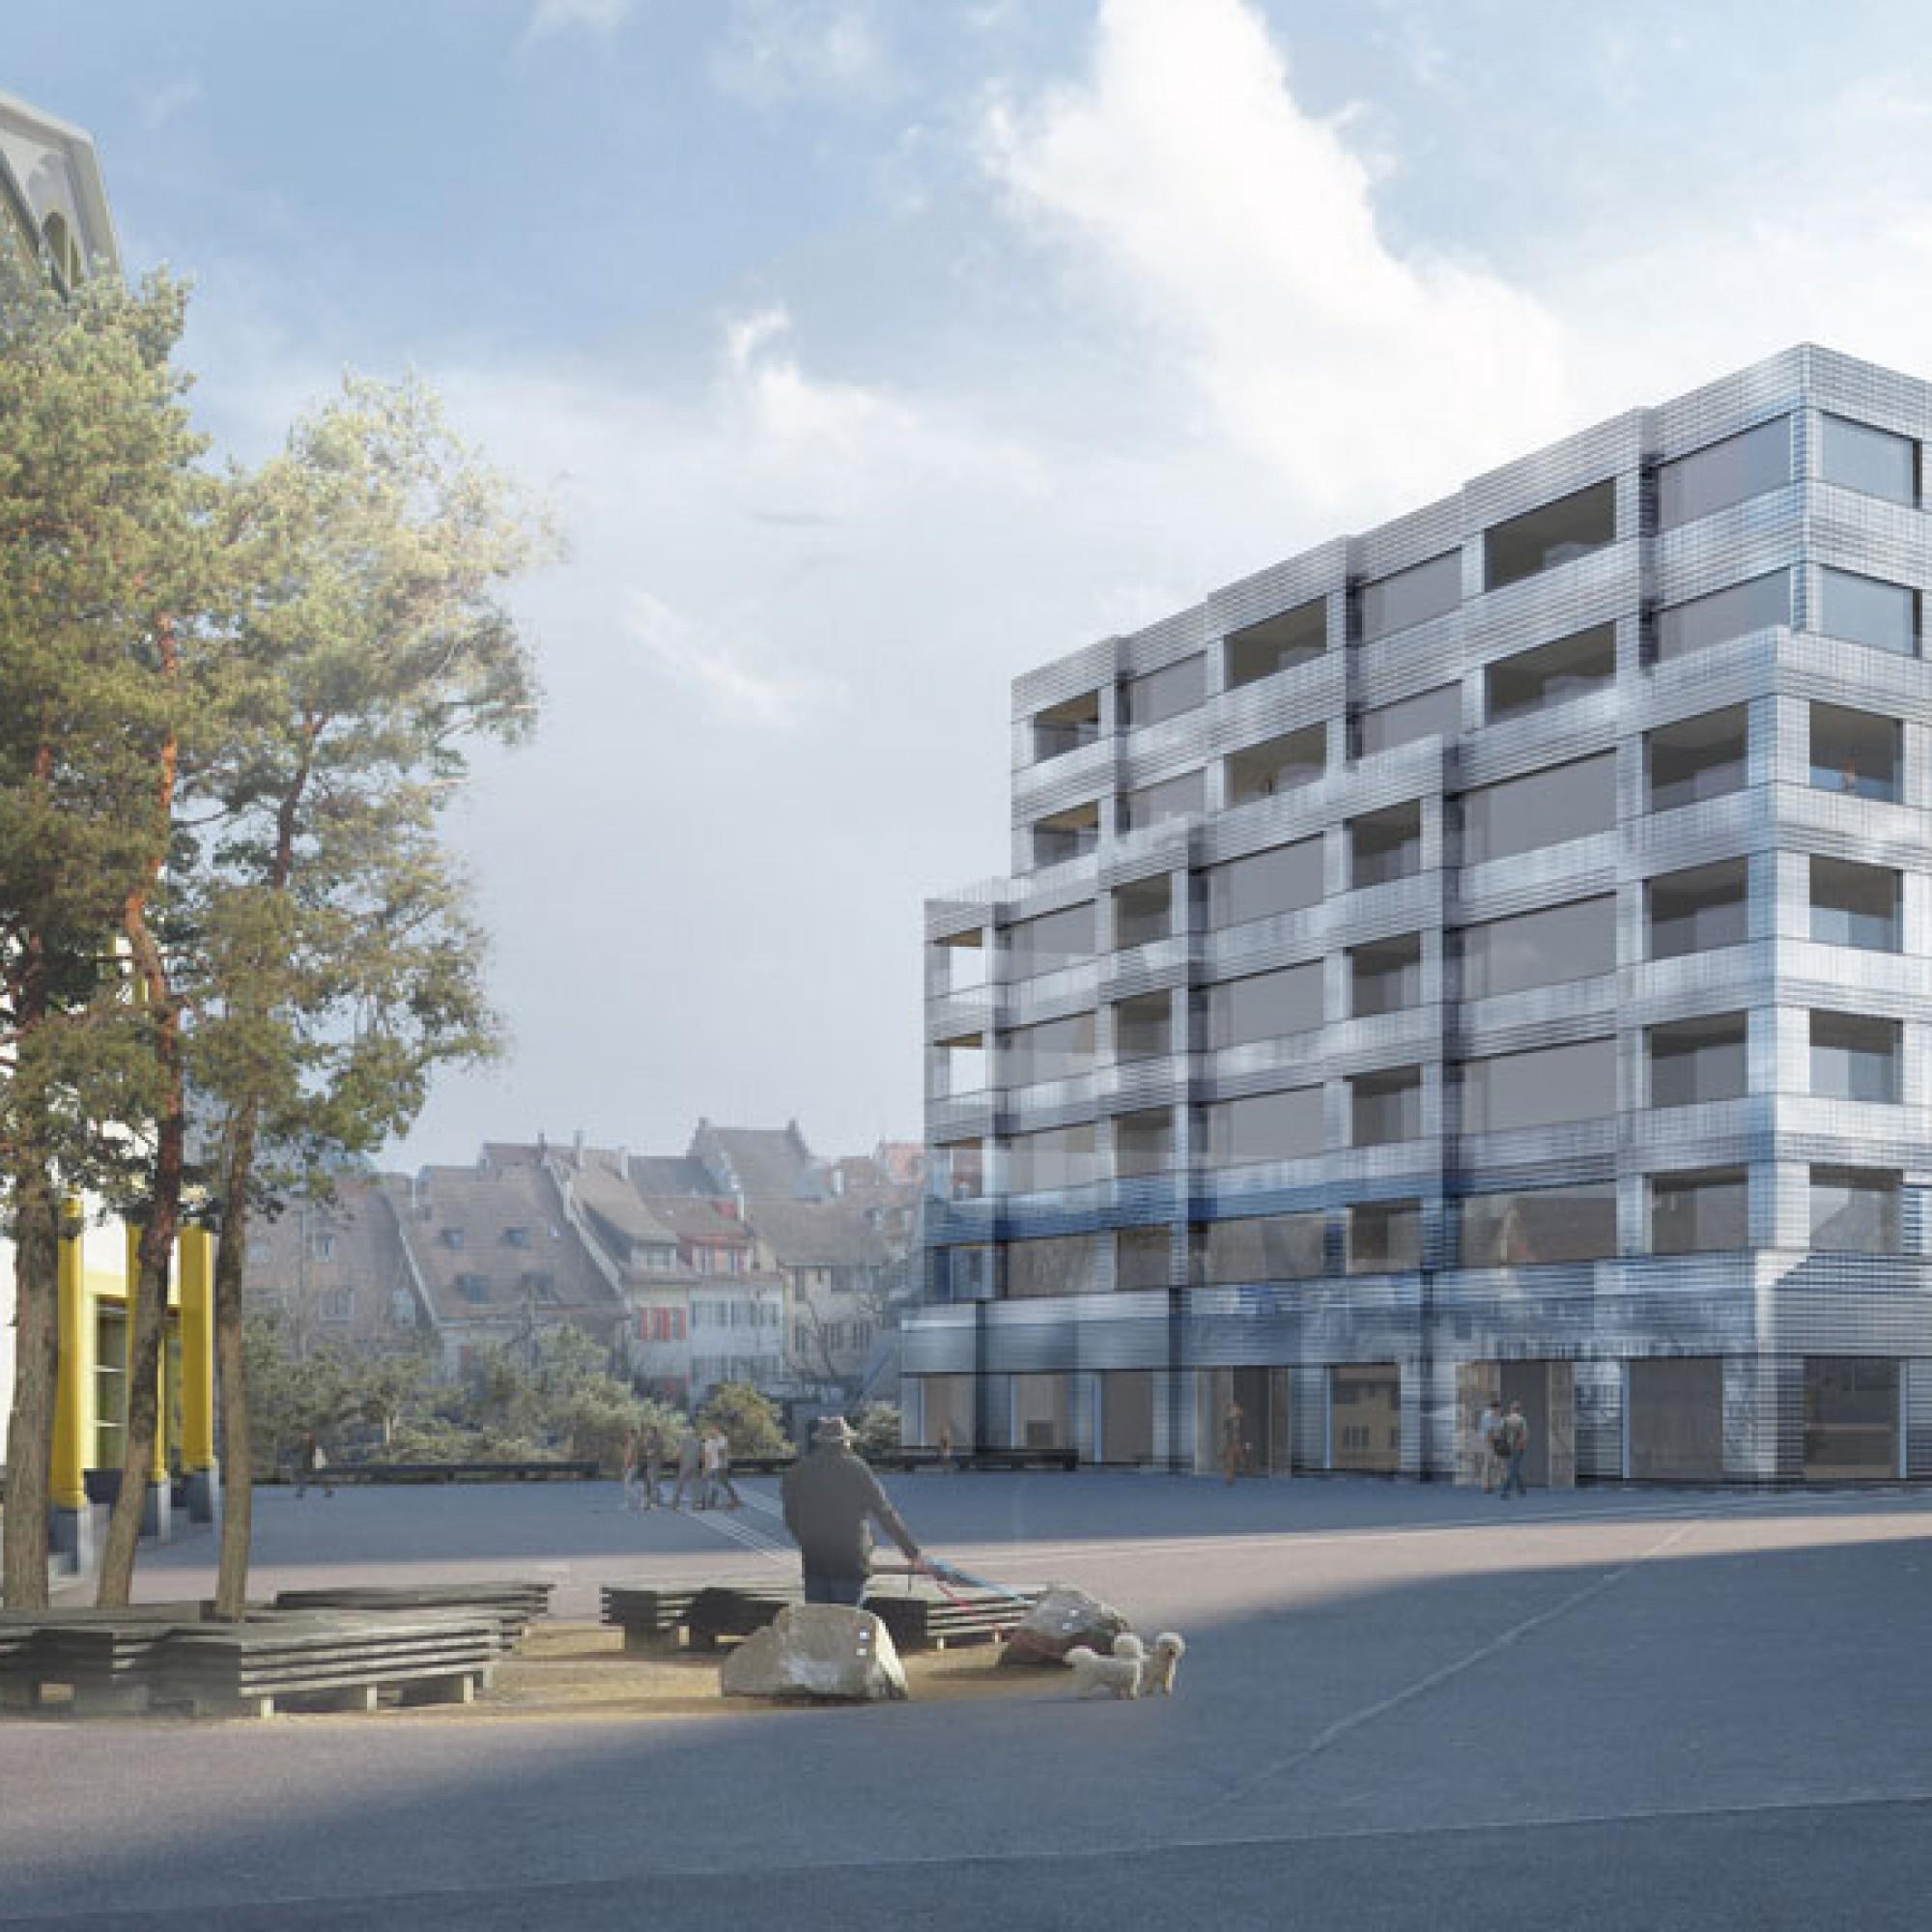 Visualisierung des neuen Gebäudes am Postplatz (Christ & Gantenbein Architekten)